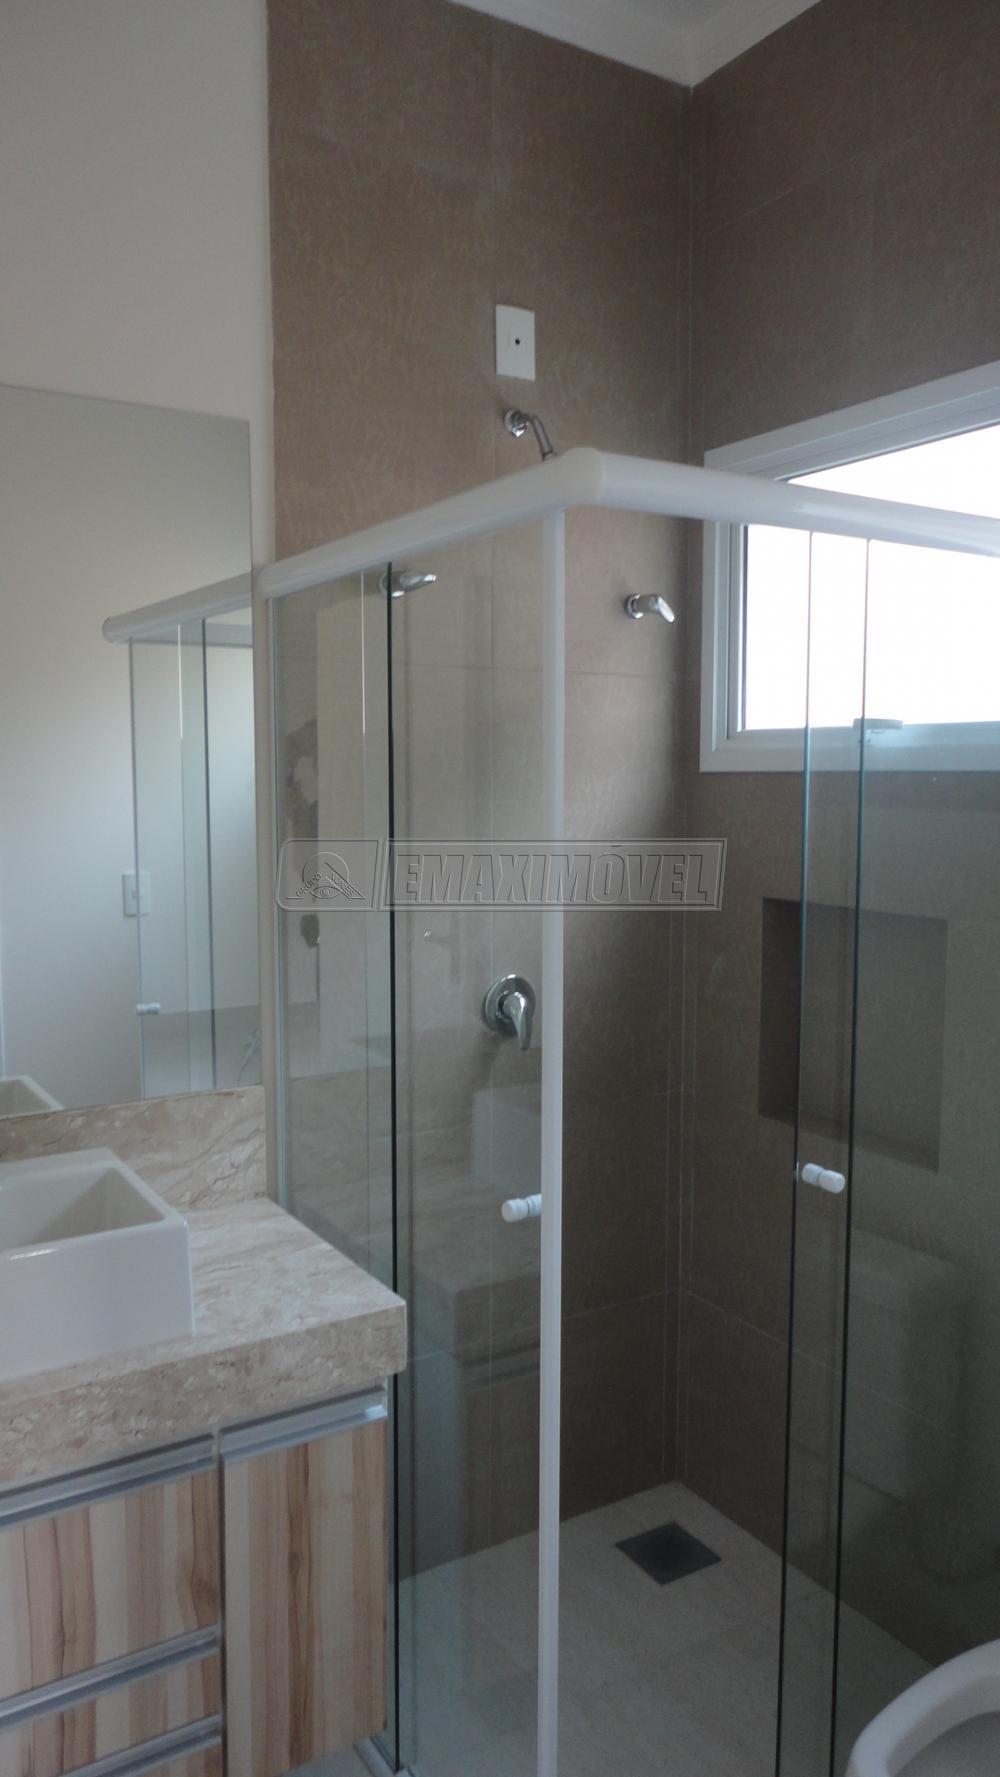 Comprar Casa / em Condomínios em Itu R$ 1.700.000,00 - Foto 16